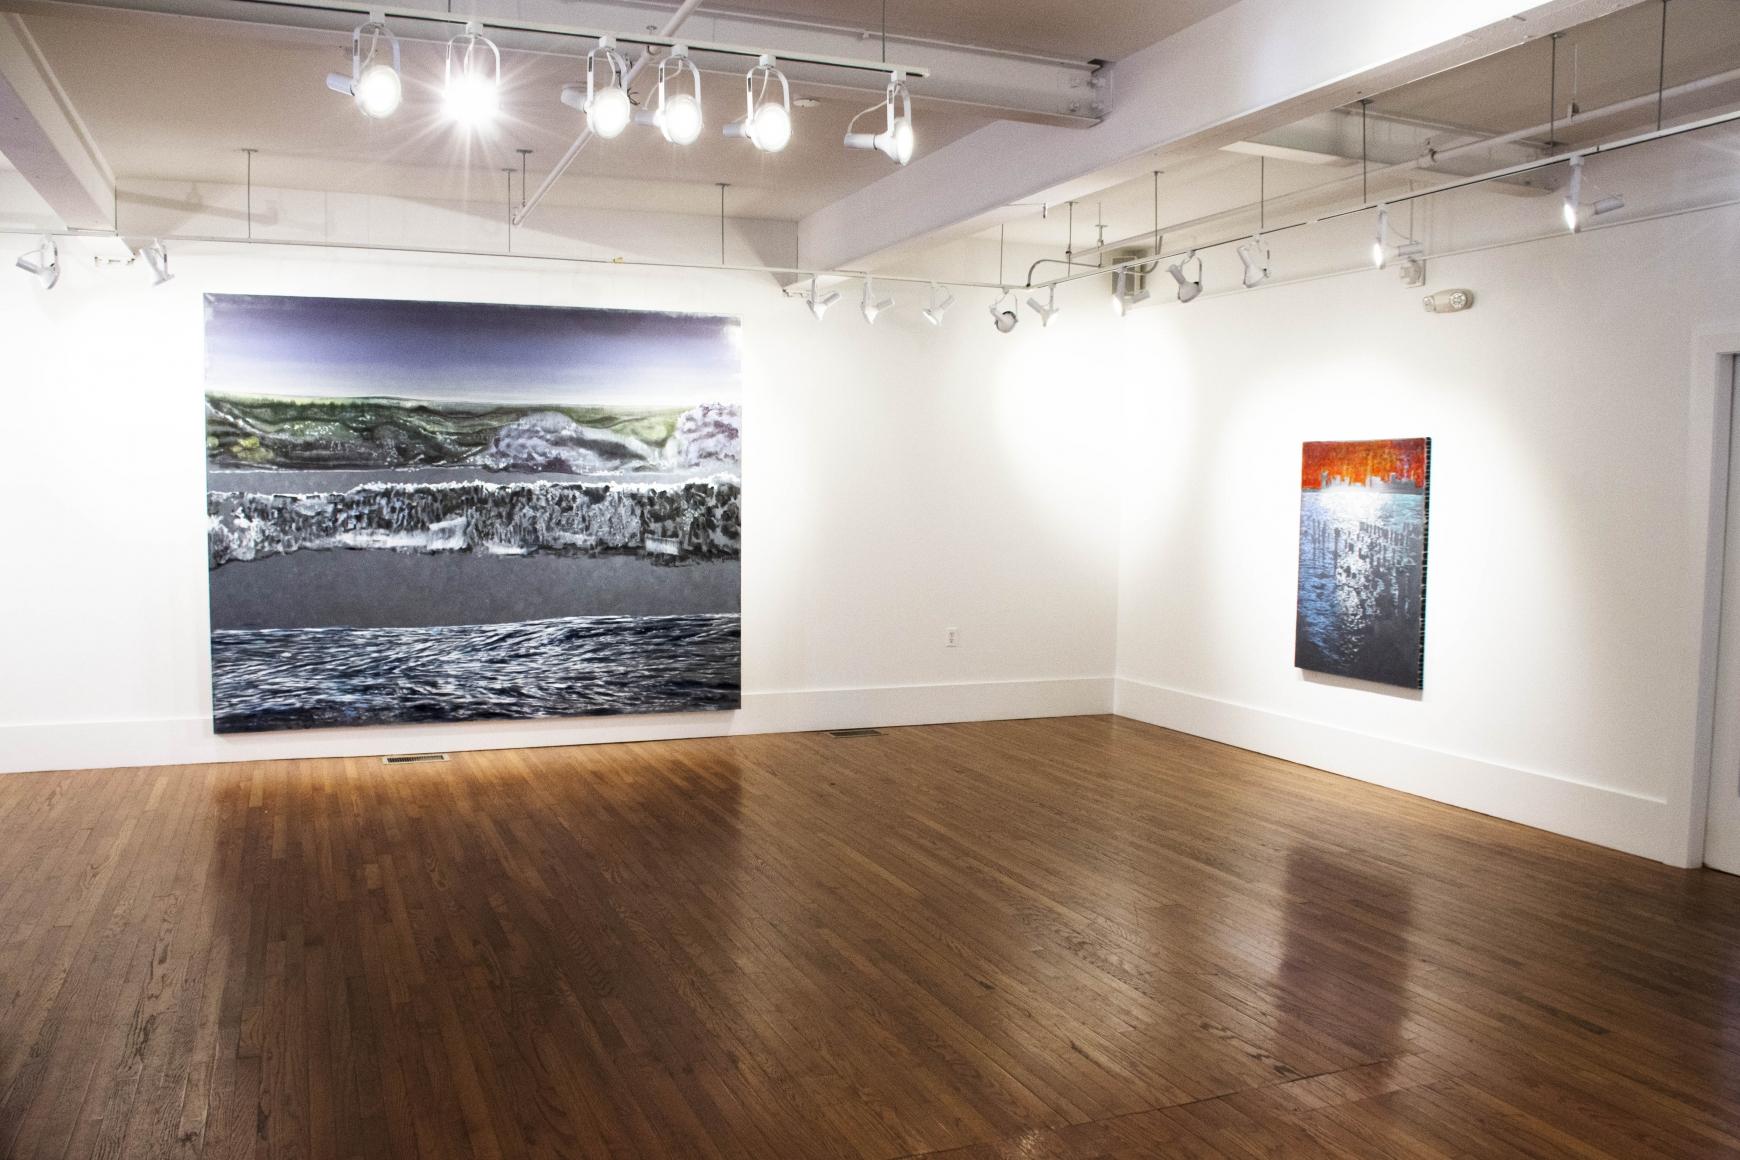 ena swansea marine paintings